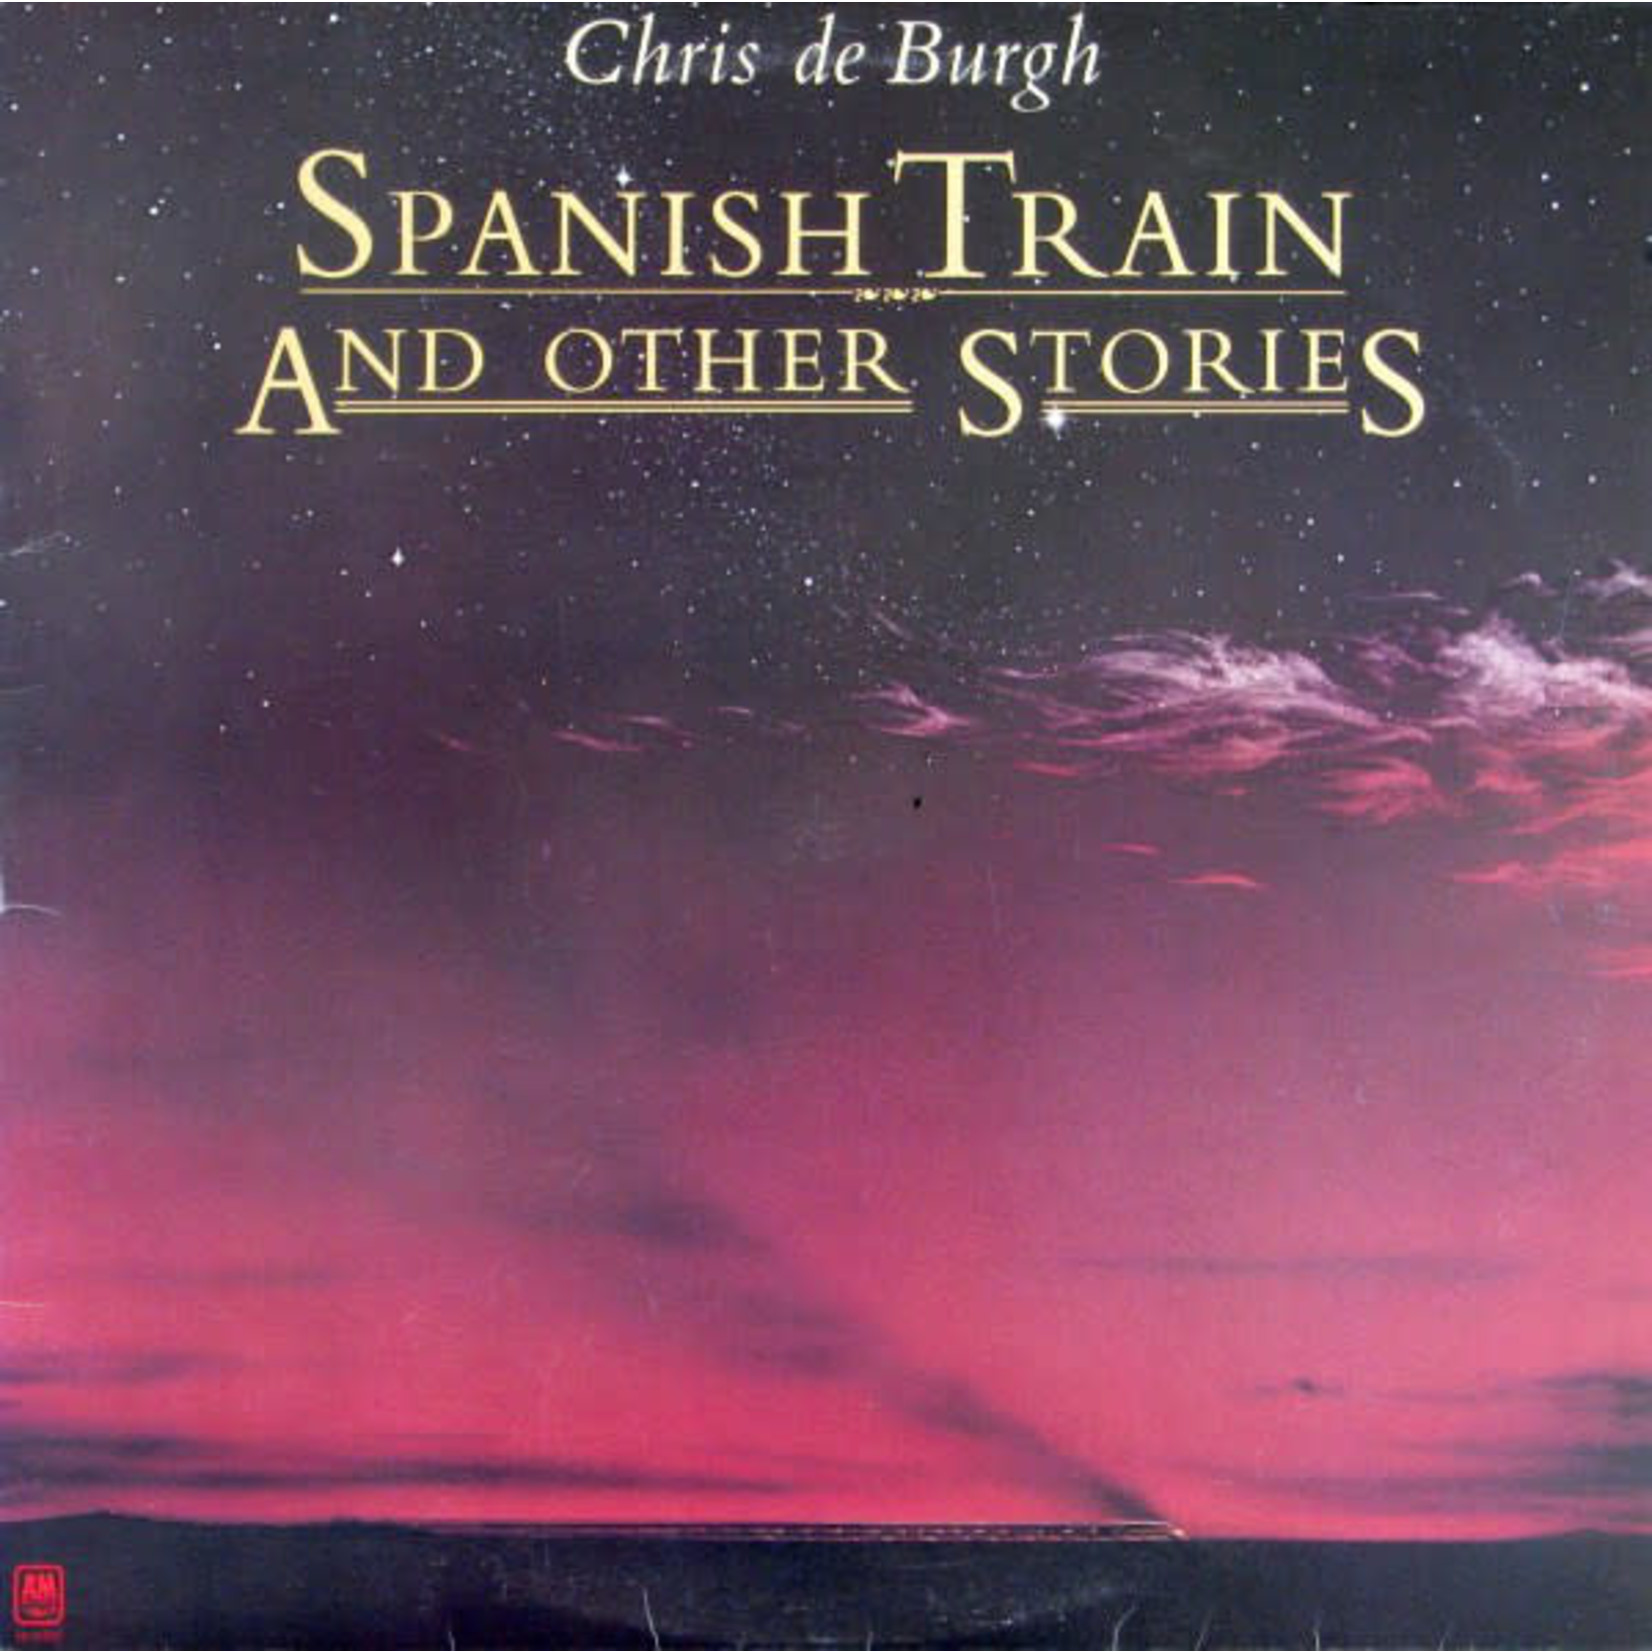 [Vintage] De Burgh, Chris: Spanish Train & Other Stories